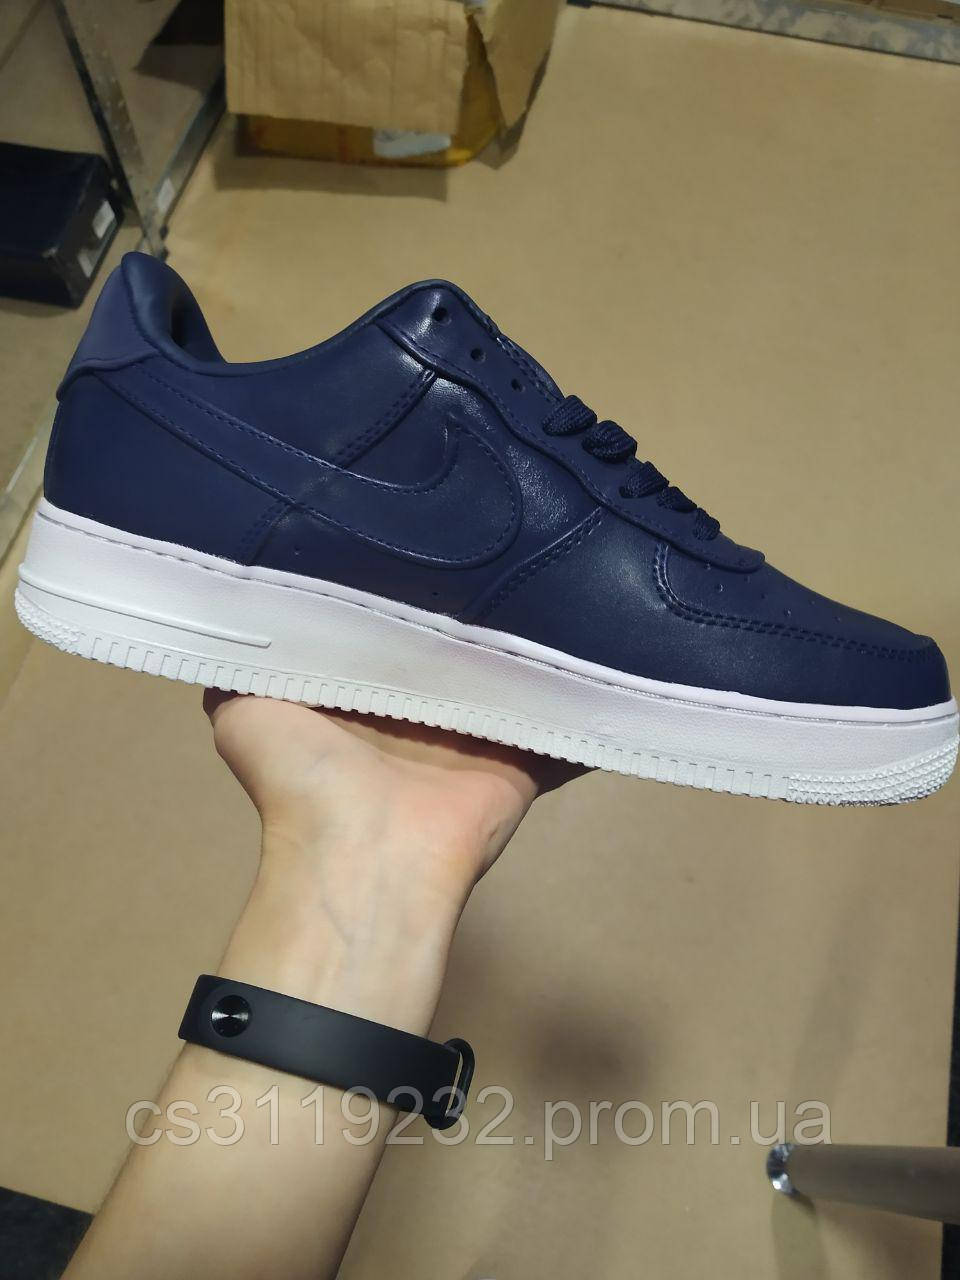 Мужские кроссовки Nike Air Force 1 Low Deep Blue (синие)